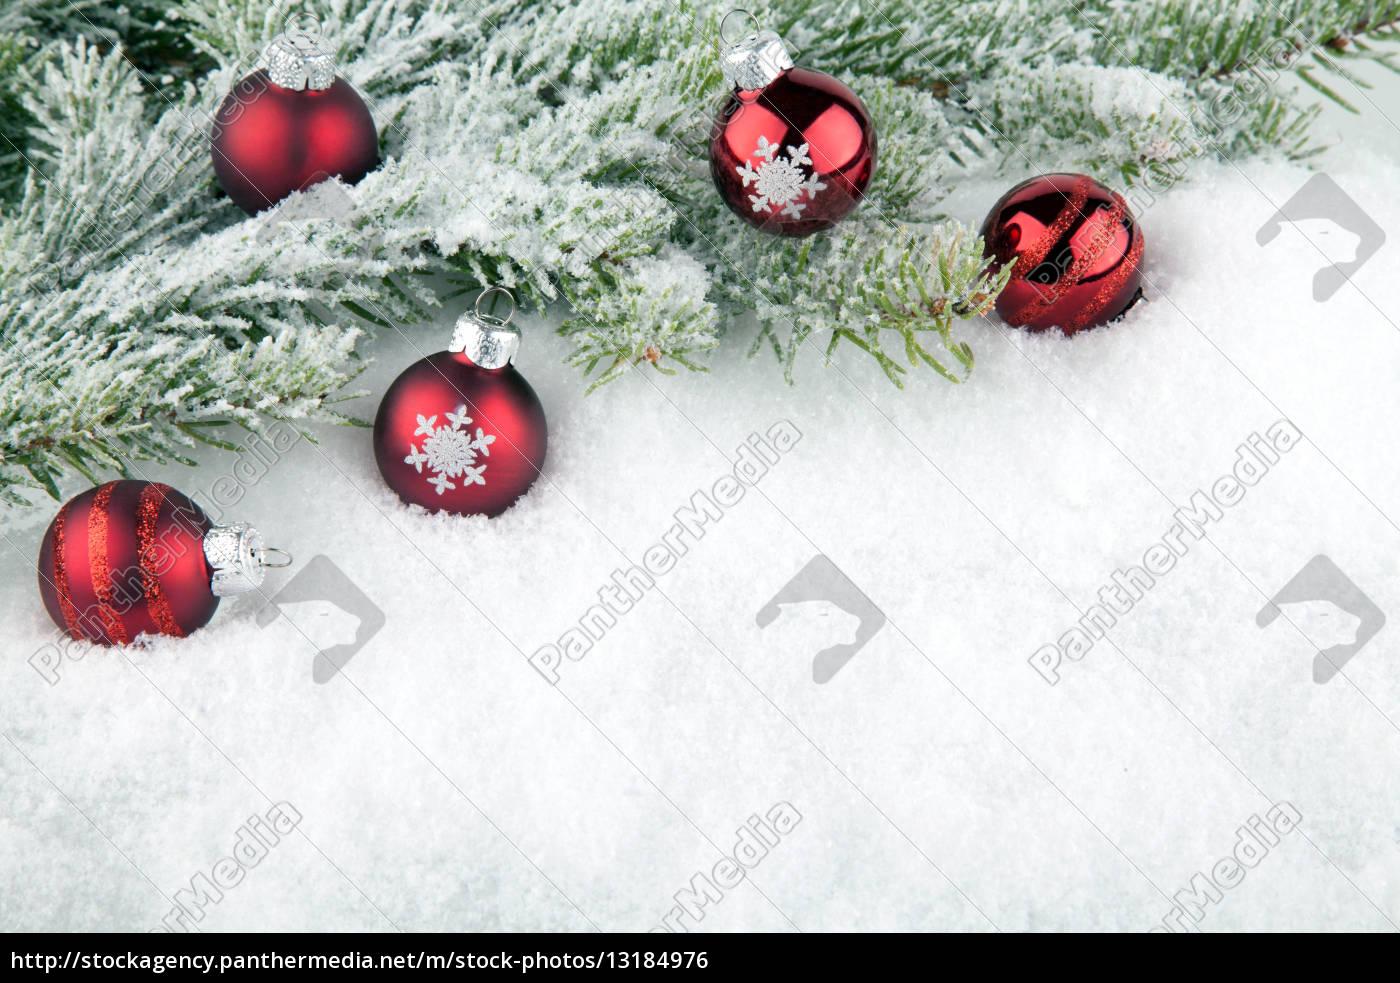 Weihnachten Hintergrund.Lizenzfreies Foto 13184976 Weihnachten Hintergrund